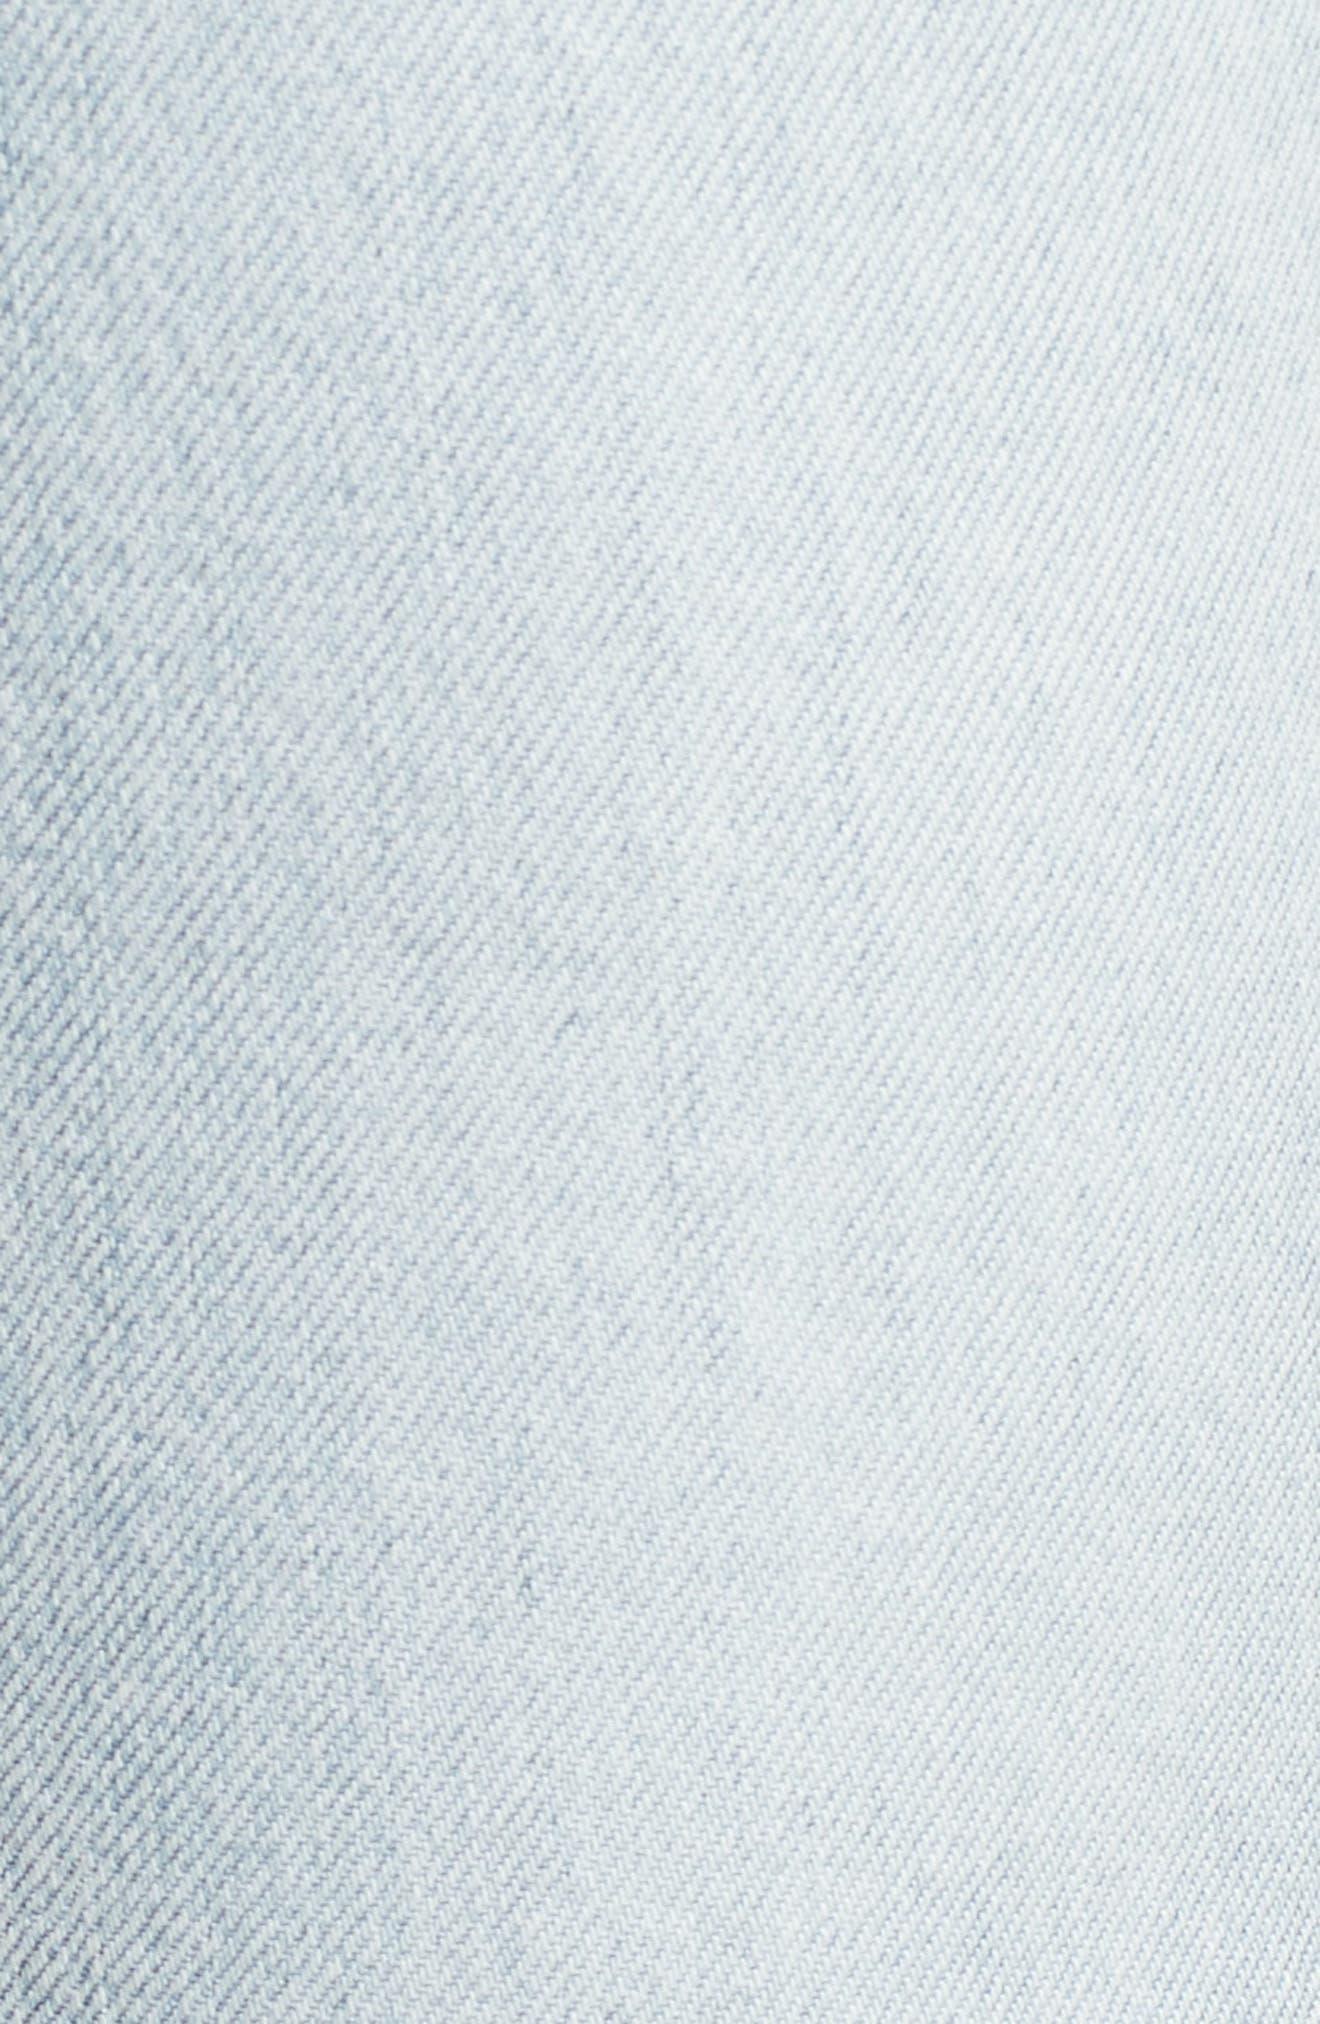 Jeans Jodi Crop Jeans,                             Alternate thumbnail 6, color,                             455